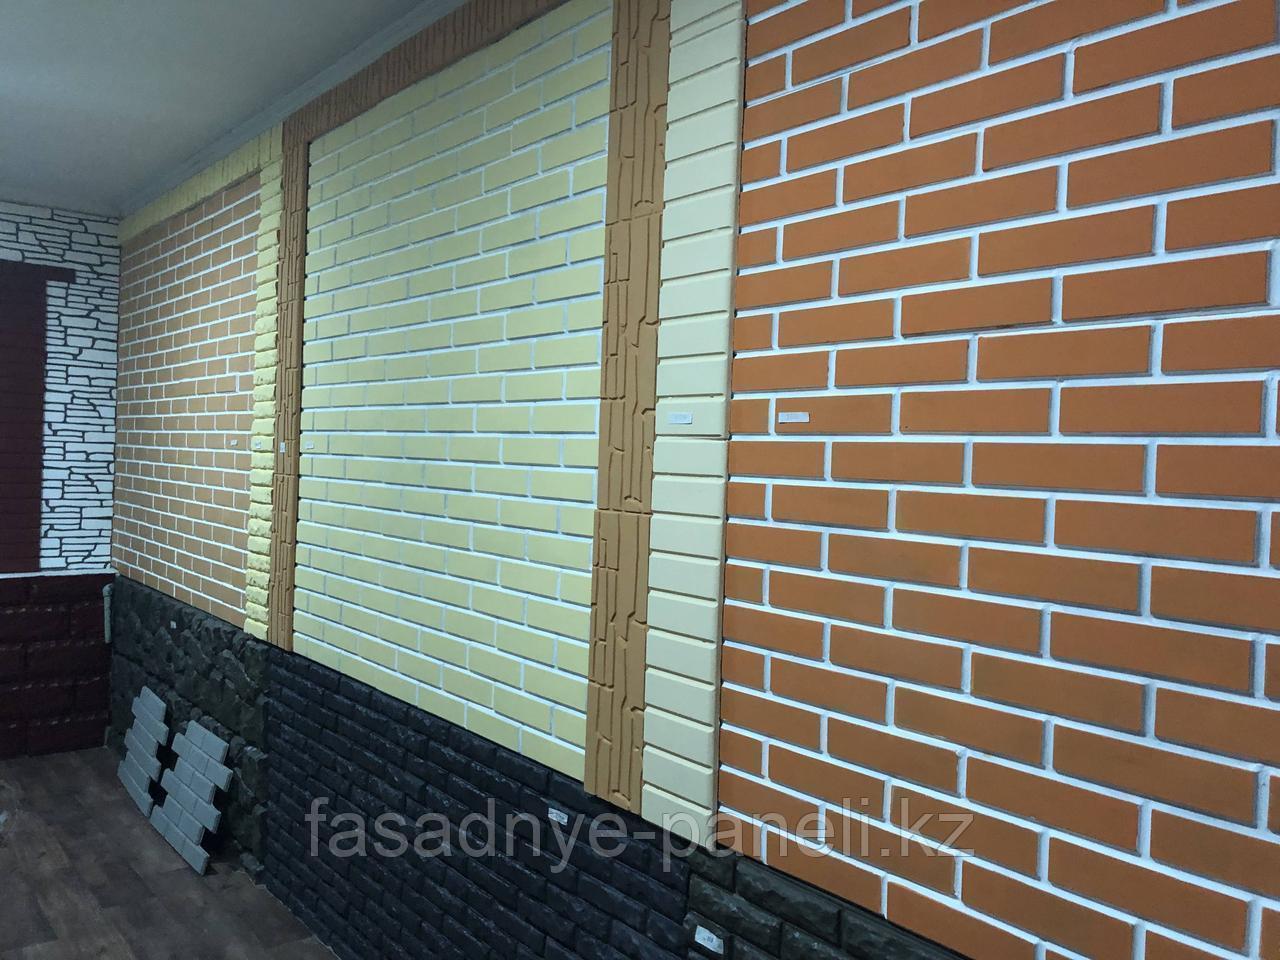 Угловая термопанель под кирпич Fasade-EXPERT, с утеплителем 30мм - фото 8